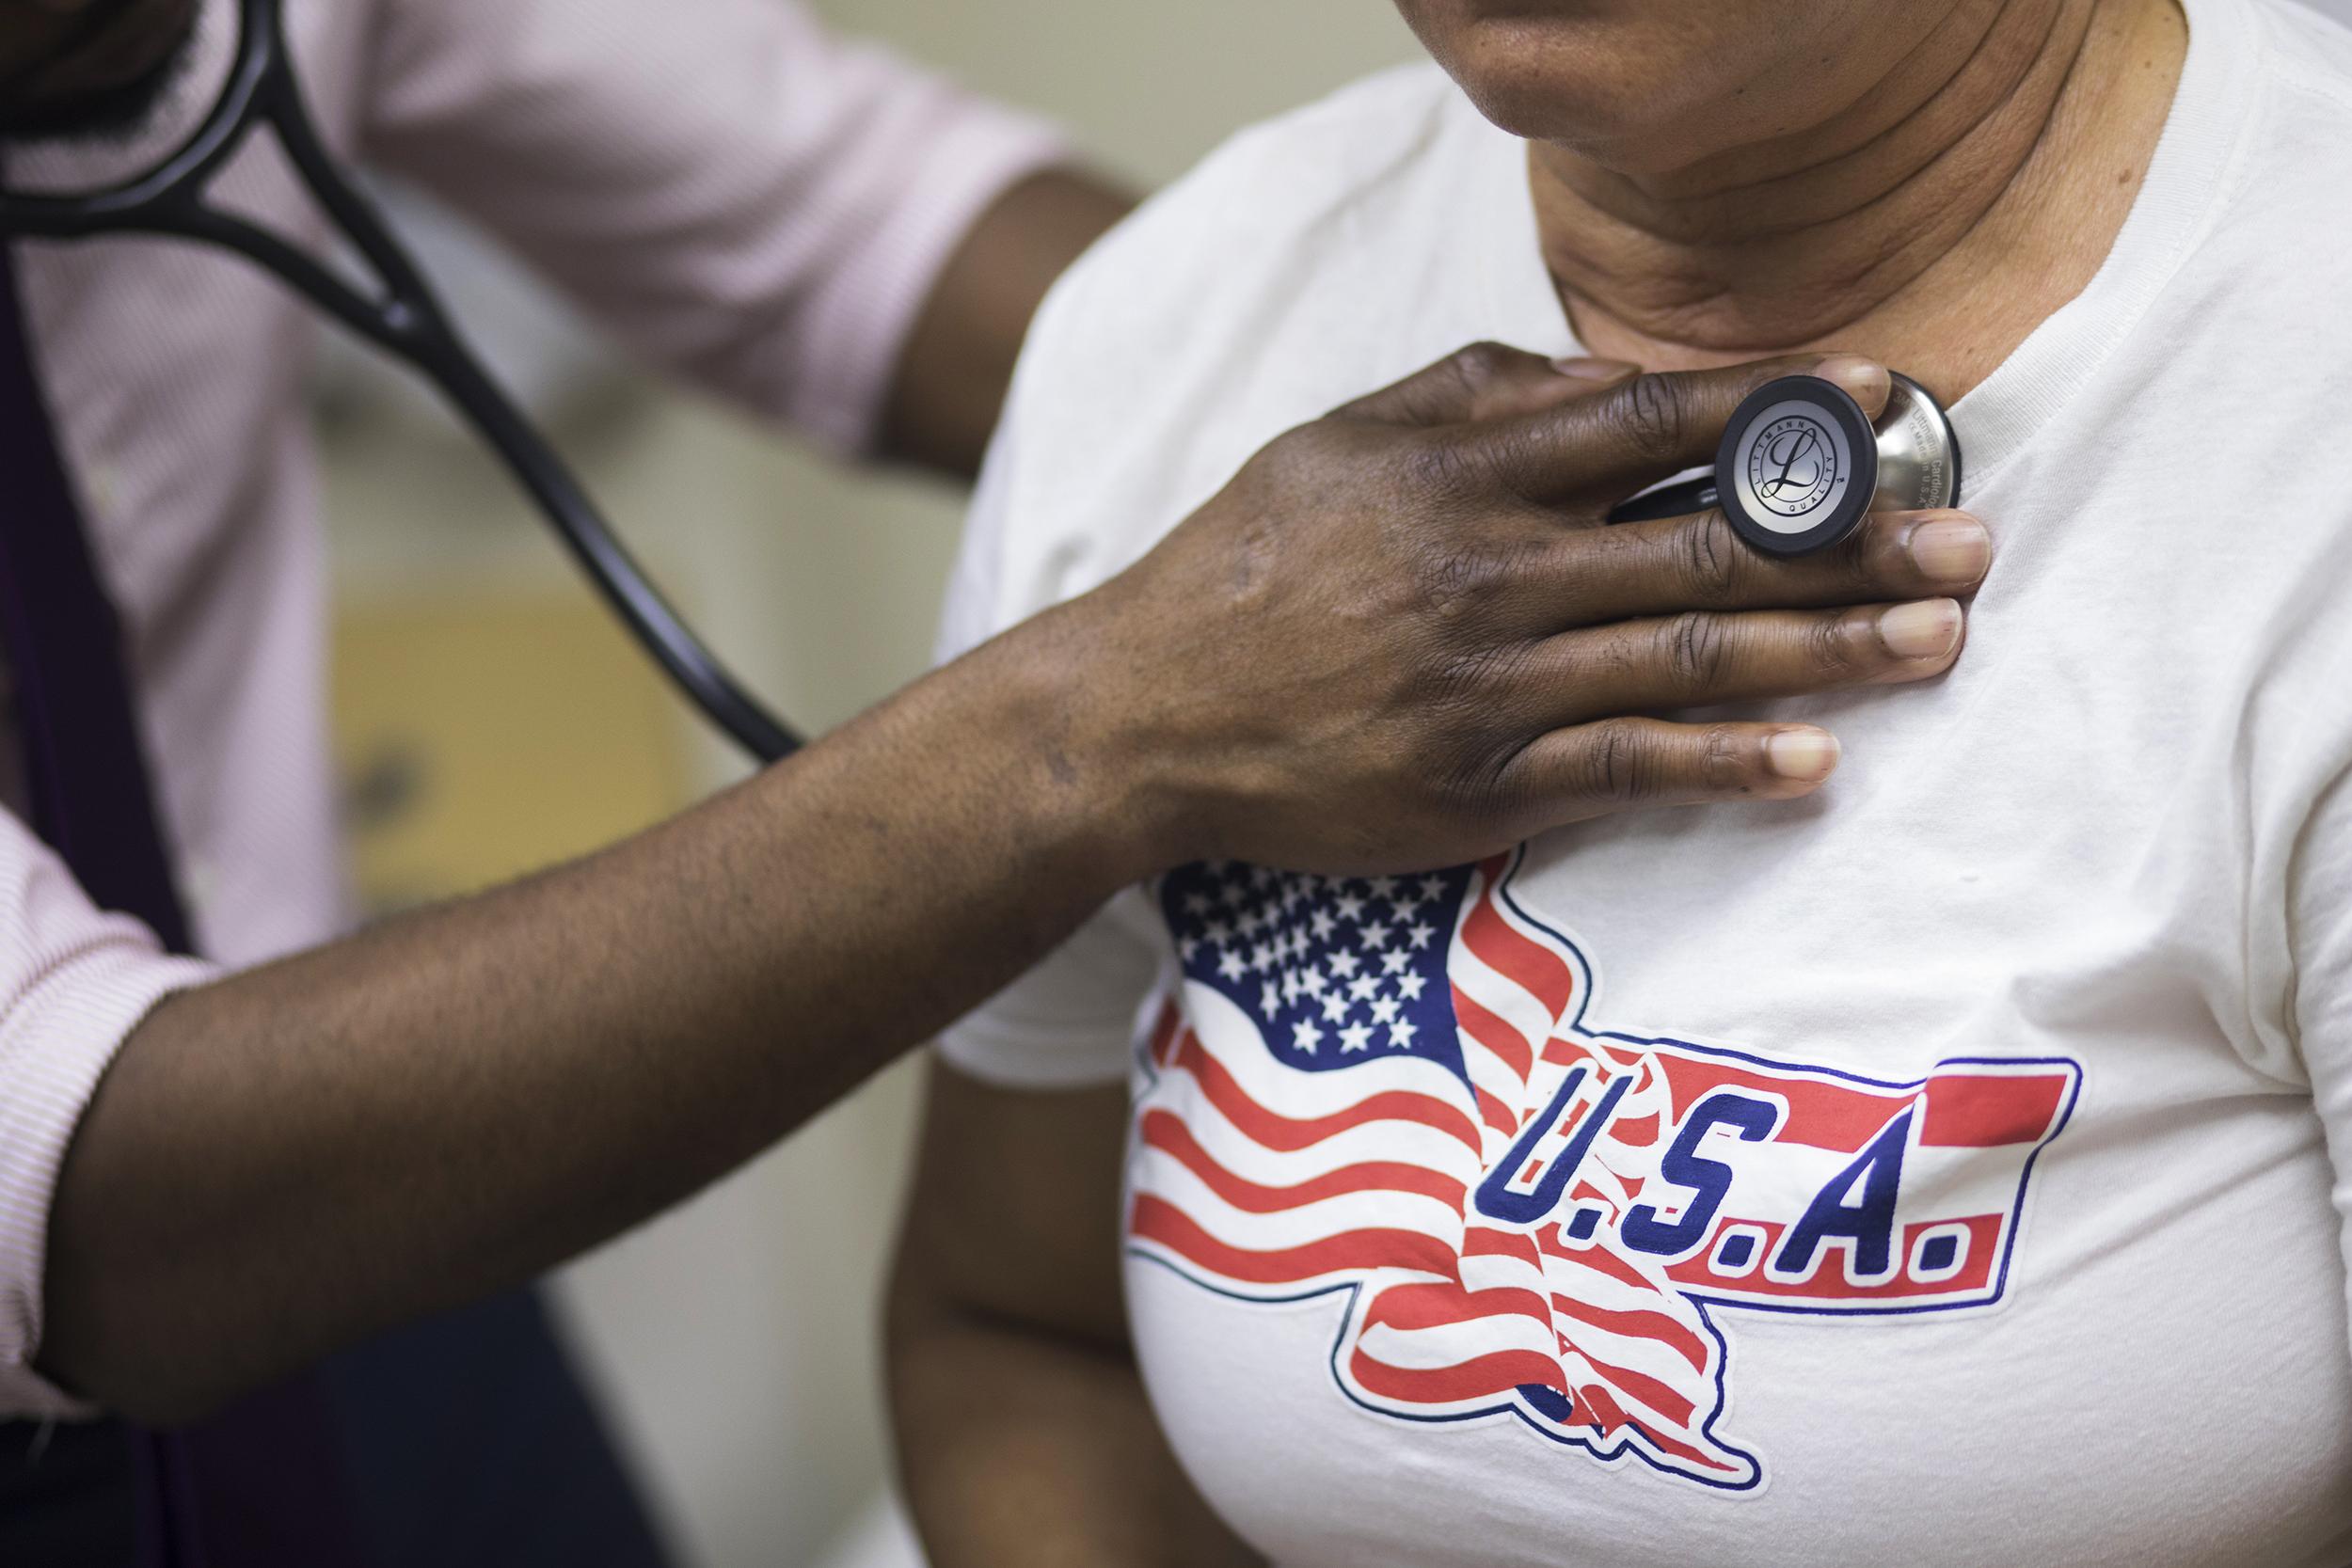 Image: A patient receives care at El Nuevo San Juan Health Center